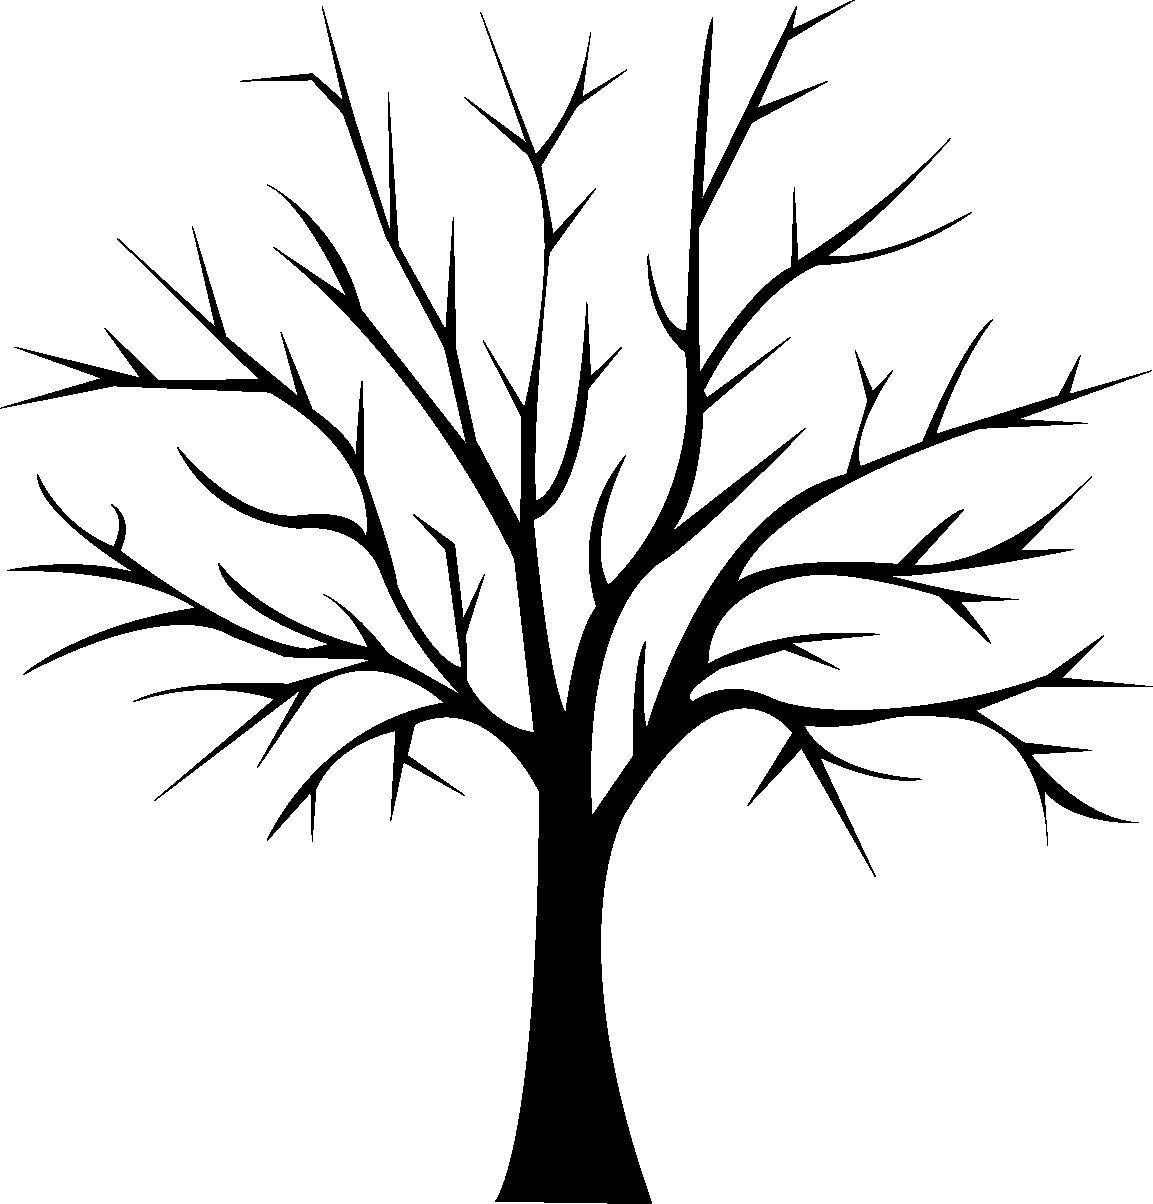 arbre1 1153—1204 Coloriage ArbreGabaritAutomne